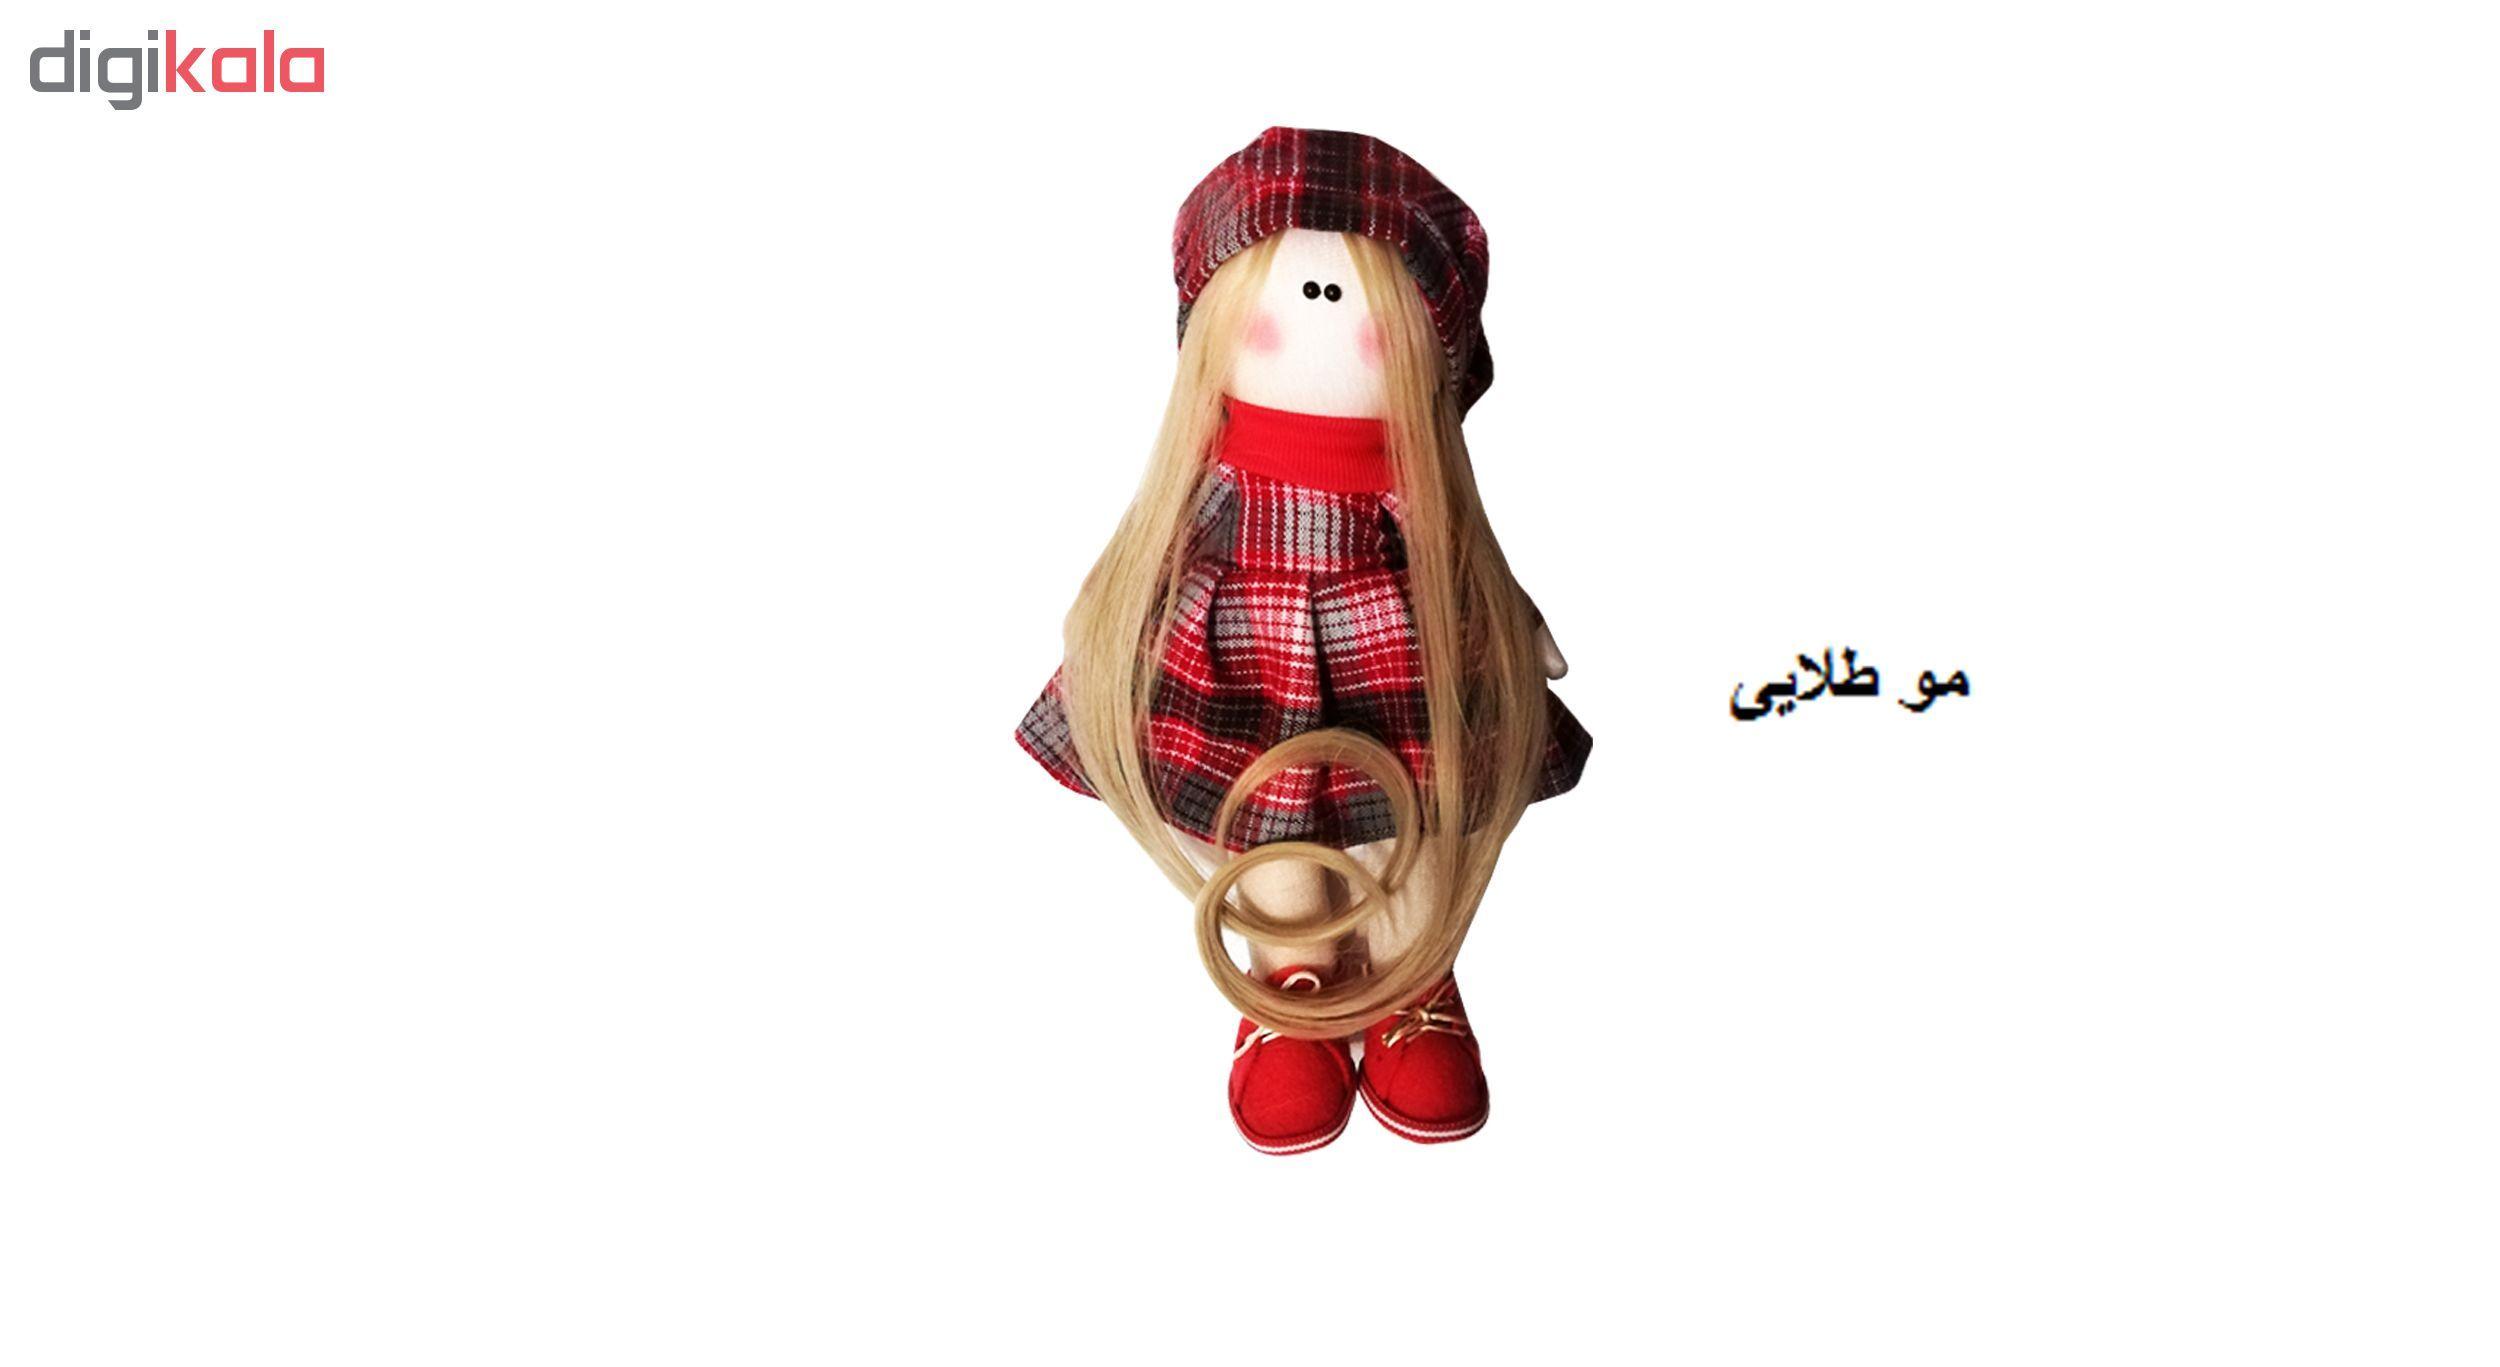 عروسک روسی طرحکلاه قرمز کد MRK12 ارتفاع 32 سانتی متر